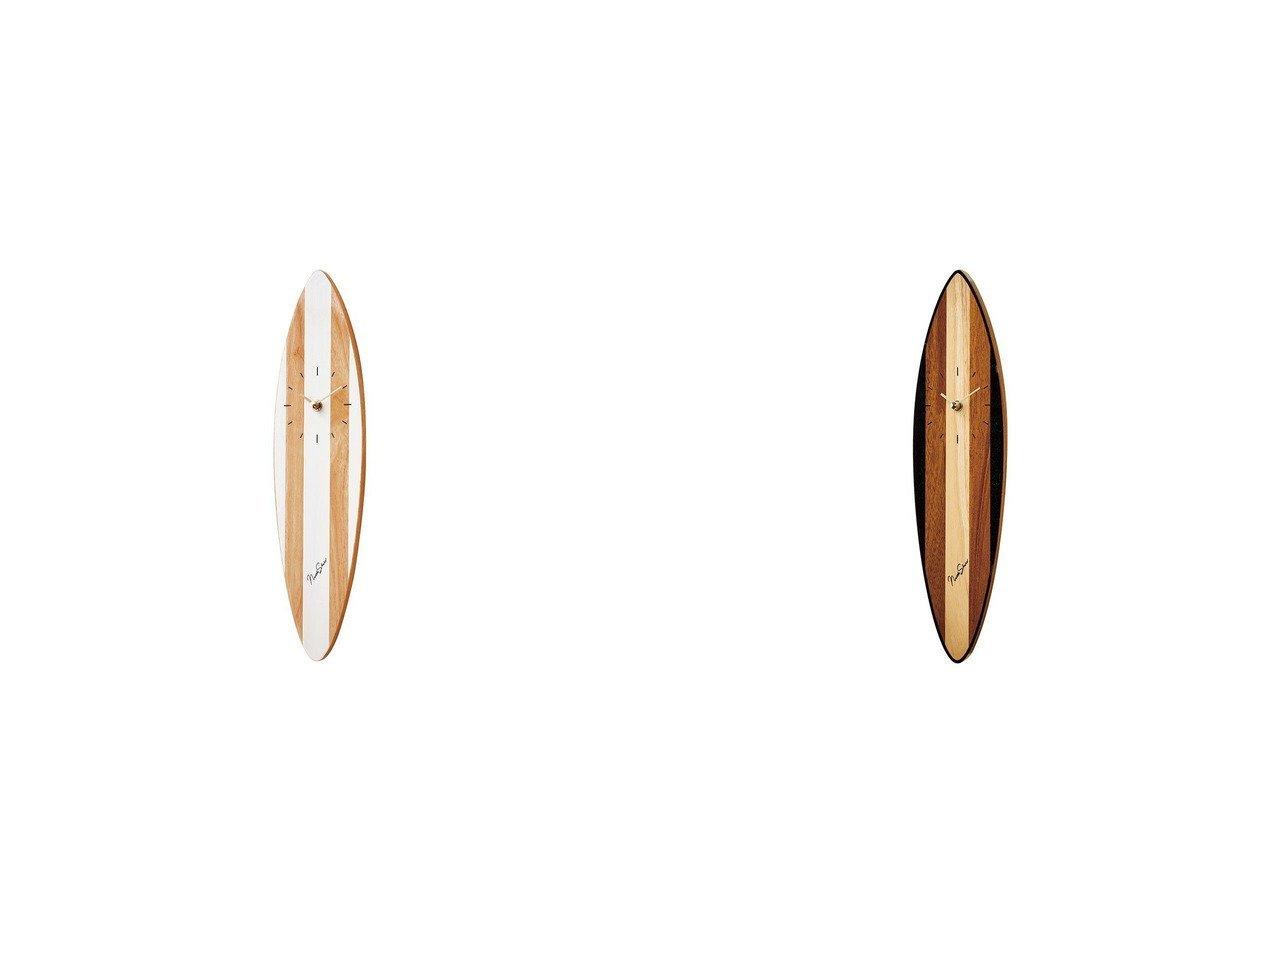 【FLYMEe Parlor/フライミーパーラー】のウォールクロック #105324 【時計 お家時間 FURNITURE】おすすめ!人気、インテリア雑貨・家具の通販 おすすめで人気の流行・トレンド、ファッションの通販商品 インテリア・家具・メンズファッション・キッズファッション・レディースファッション・服の通販 founy(ファニー) https://founy.com/ ビーチ 時計  ID:crp329100000054310